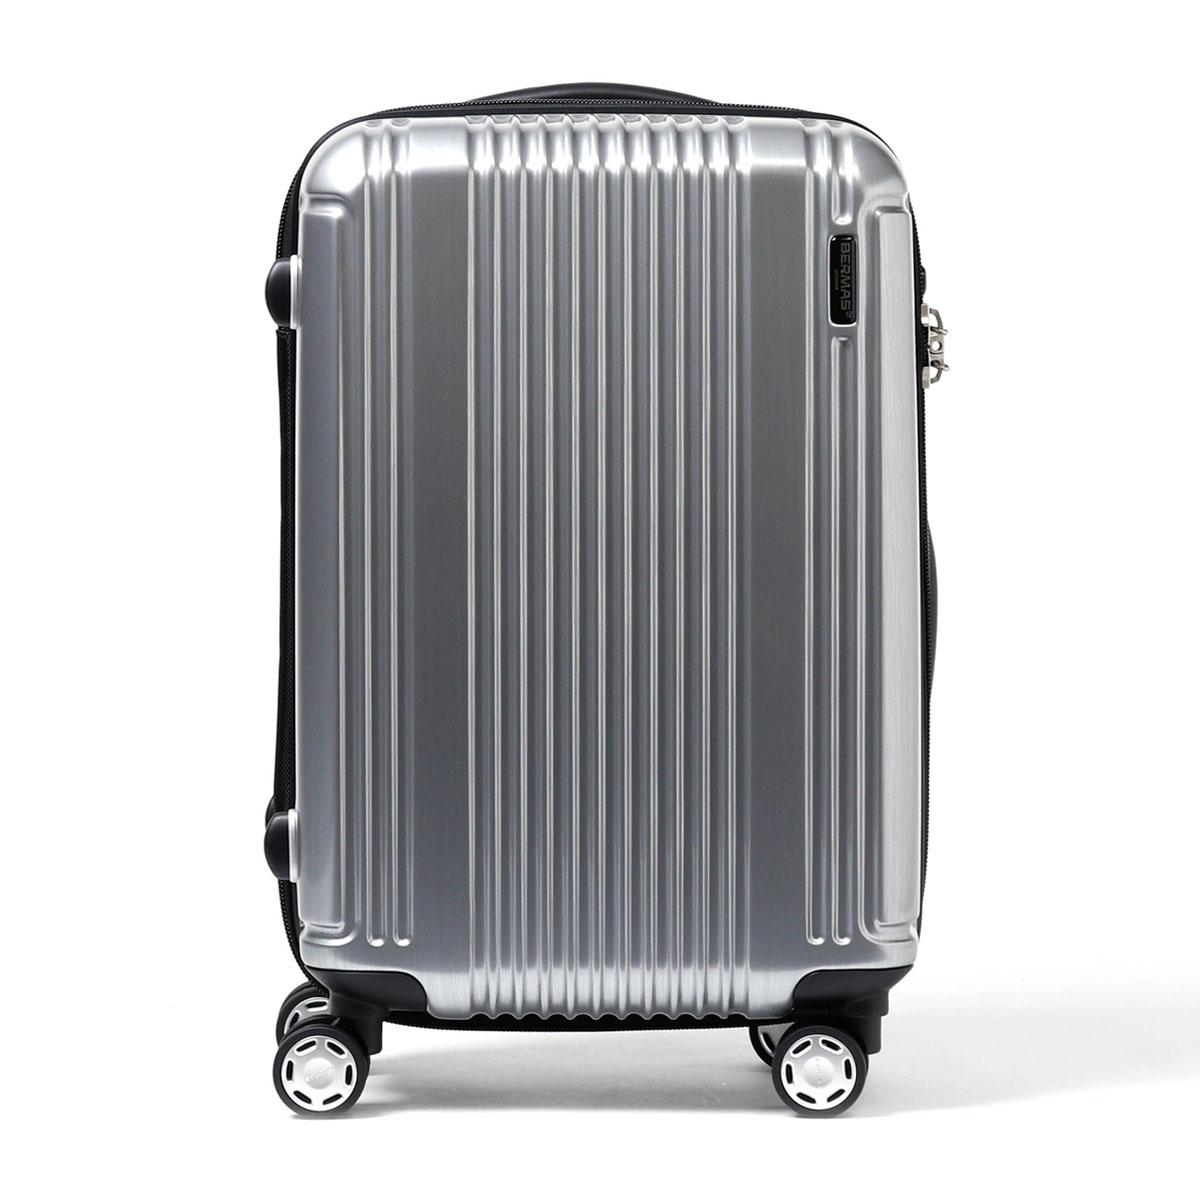 「正規品1年保証」バーマススーツケースBERMASバーマススーツケースプレステージ2PRESTIGEII機内持ち込みキャリーケースファスナー34L小型SサイズTSAロック1〜2泊程度4輪ハード軽量旅行カバン旅行バッグ60252(60262)